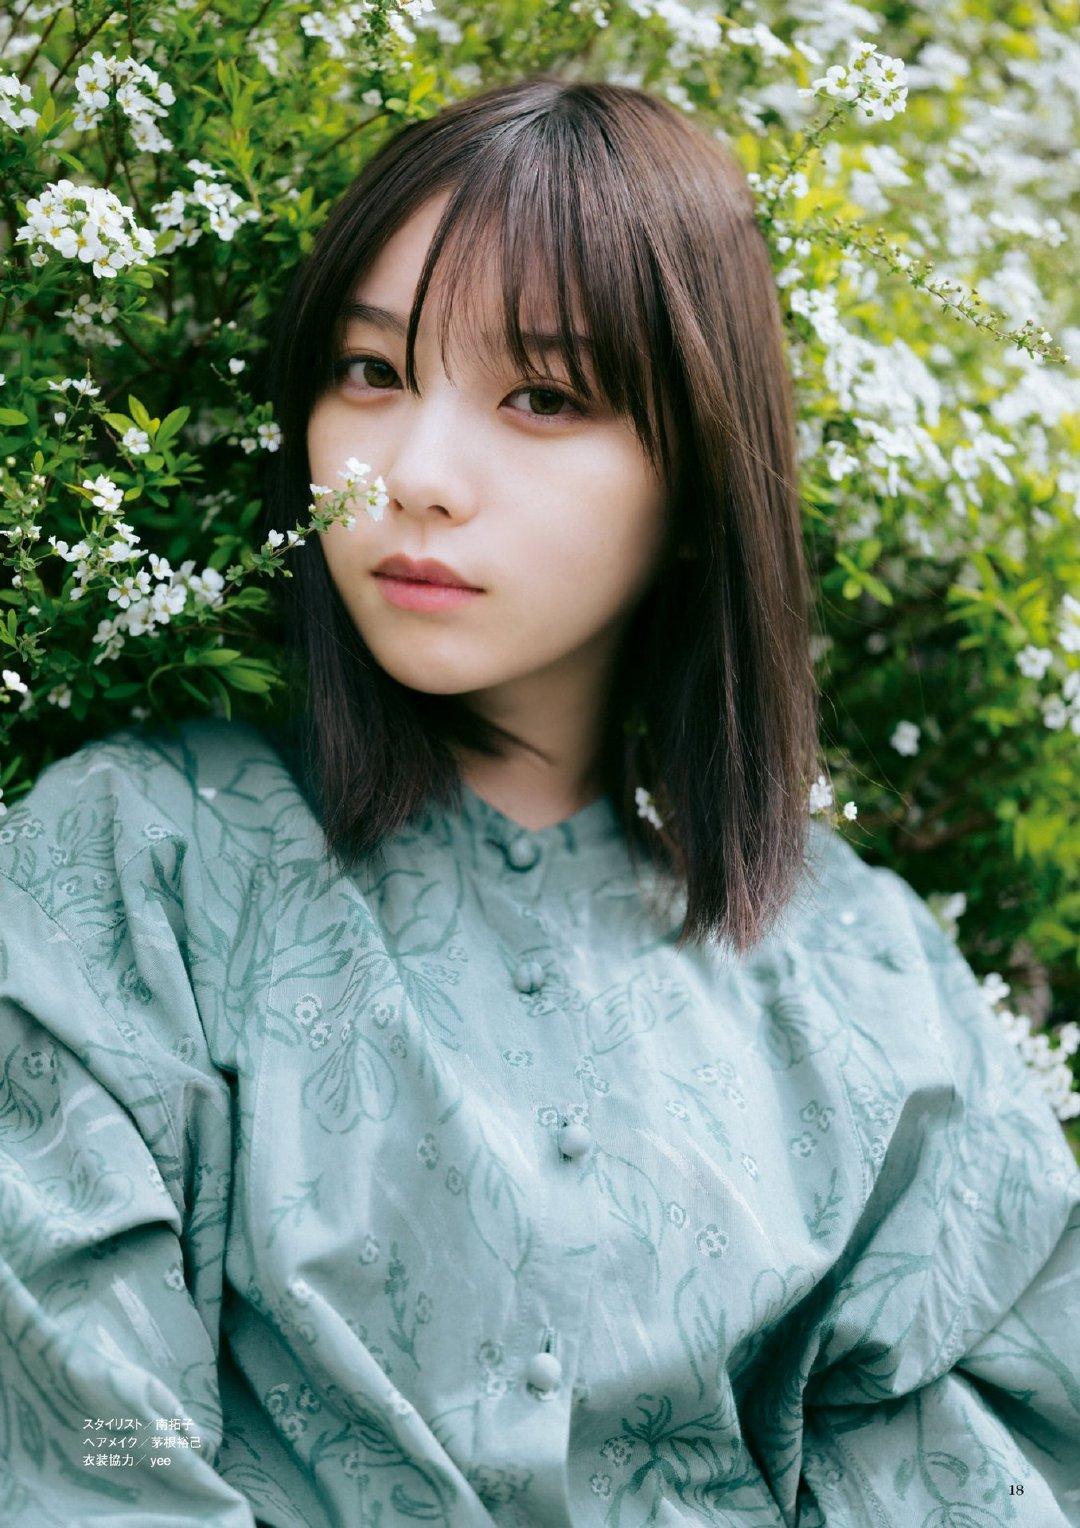 BUBKA 2021年5月号 与田祐希插图14